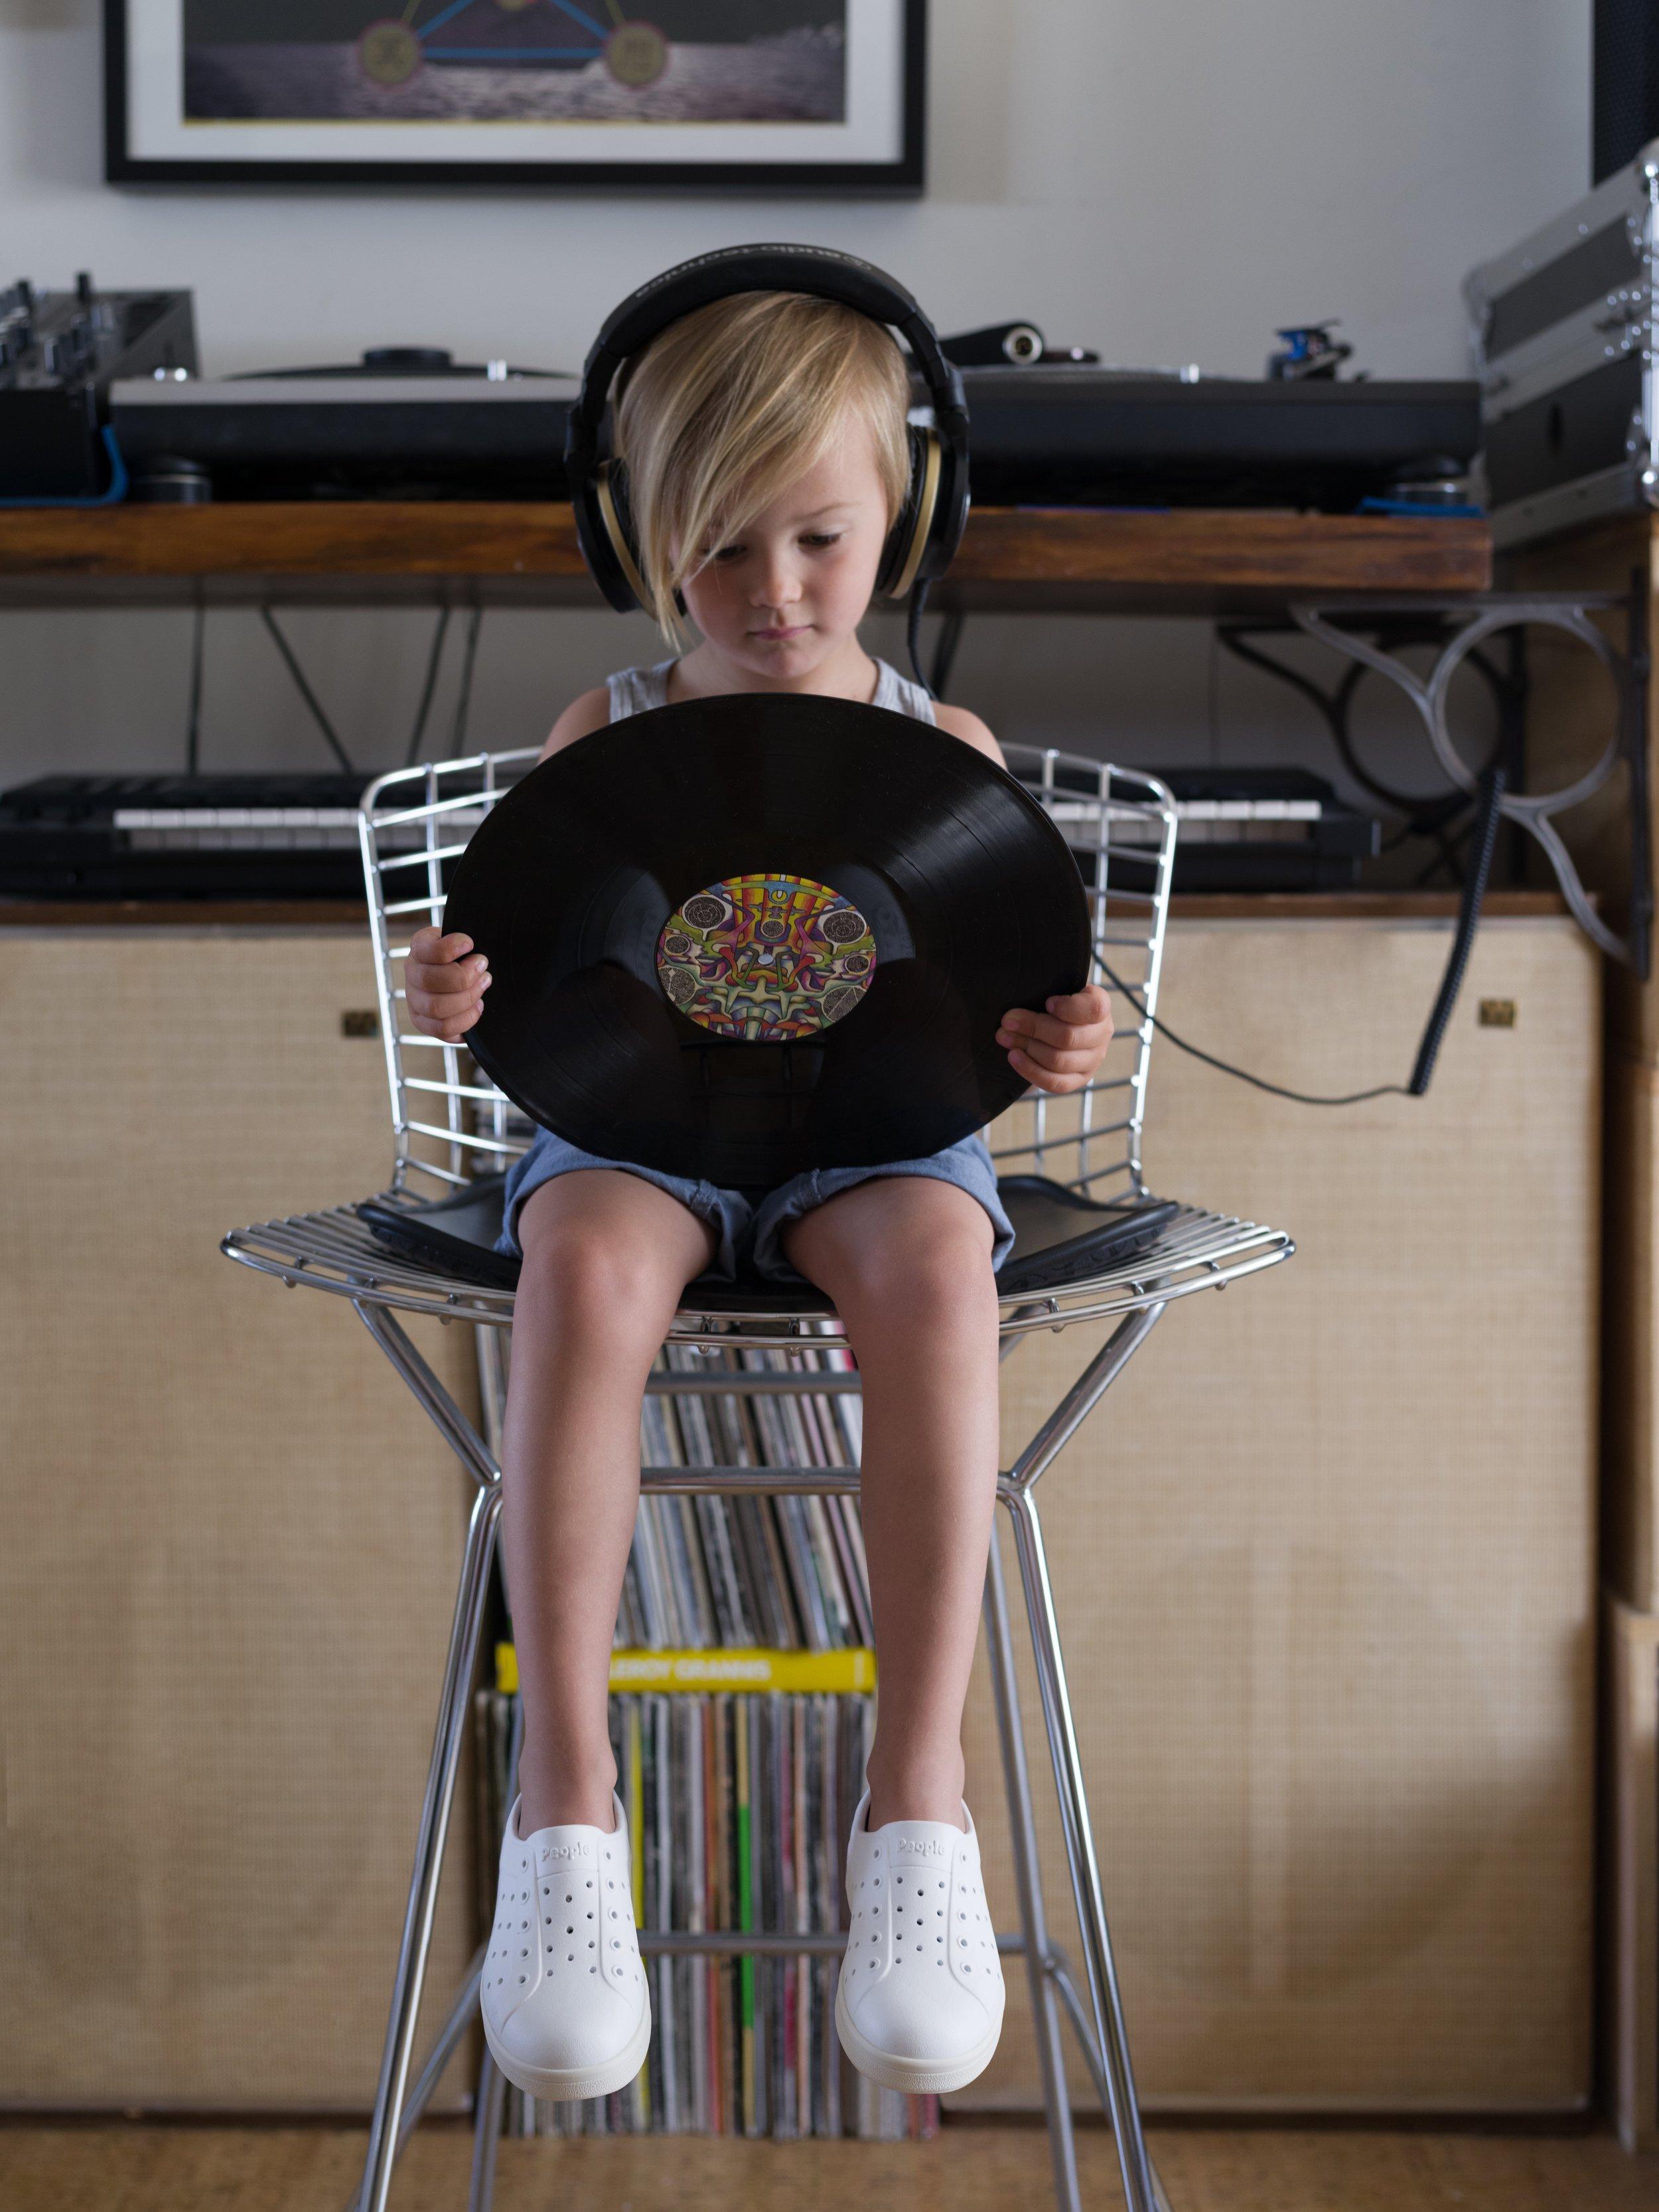 AceKids_VinylRecord.jpg